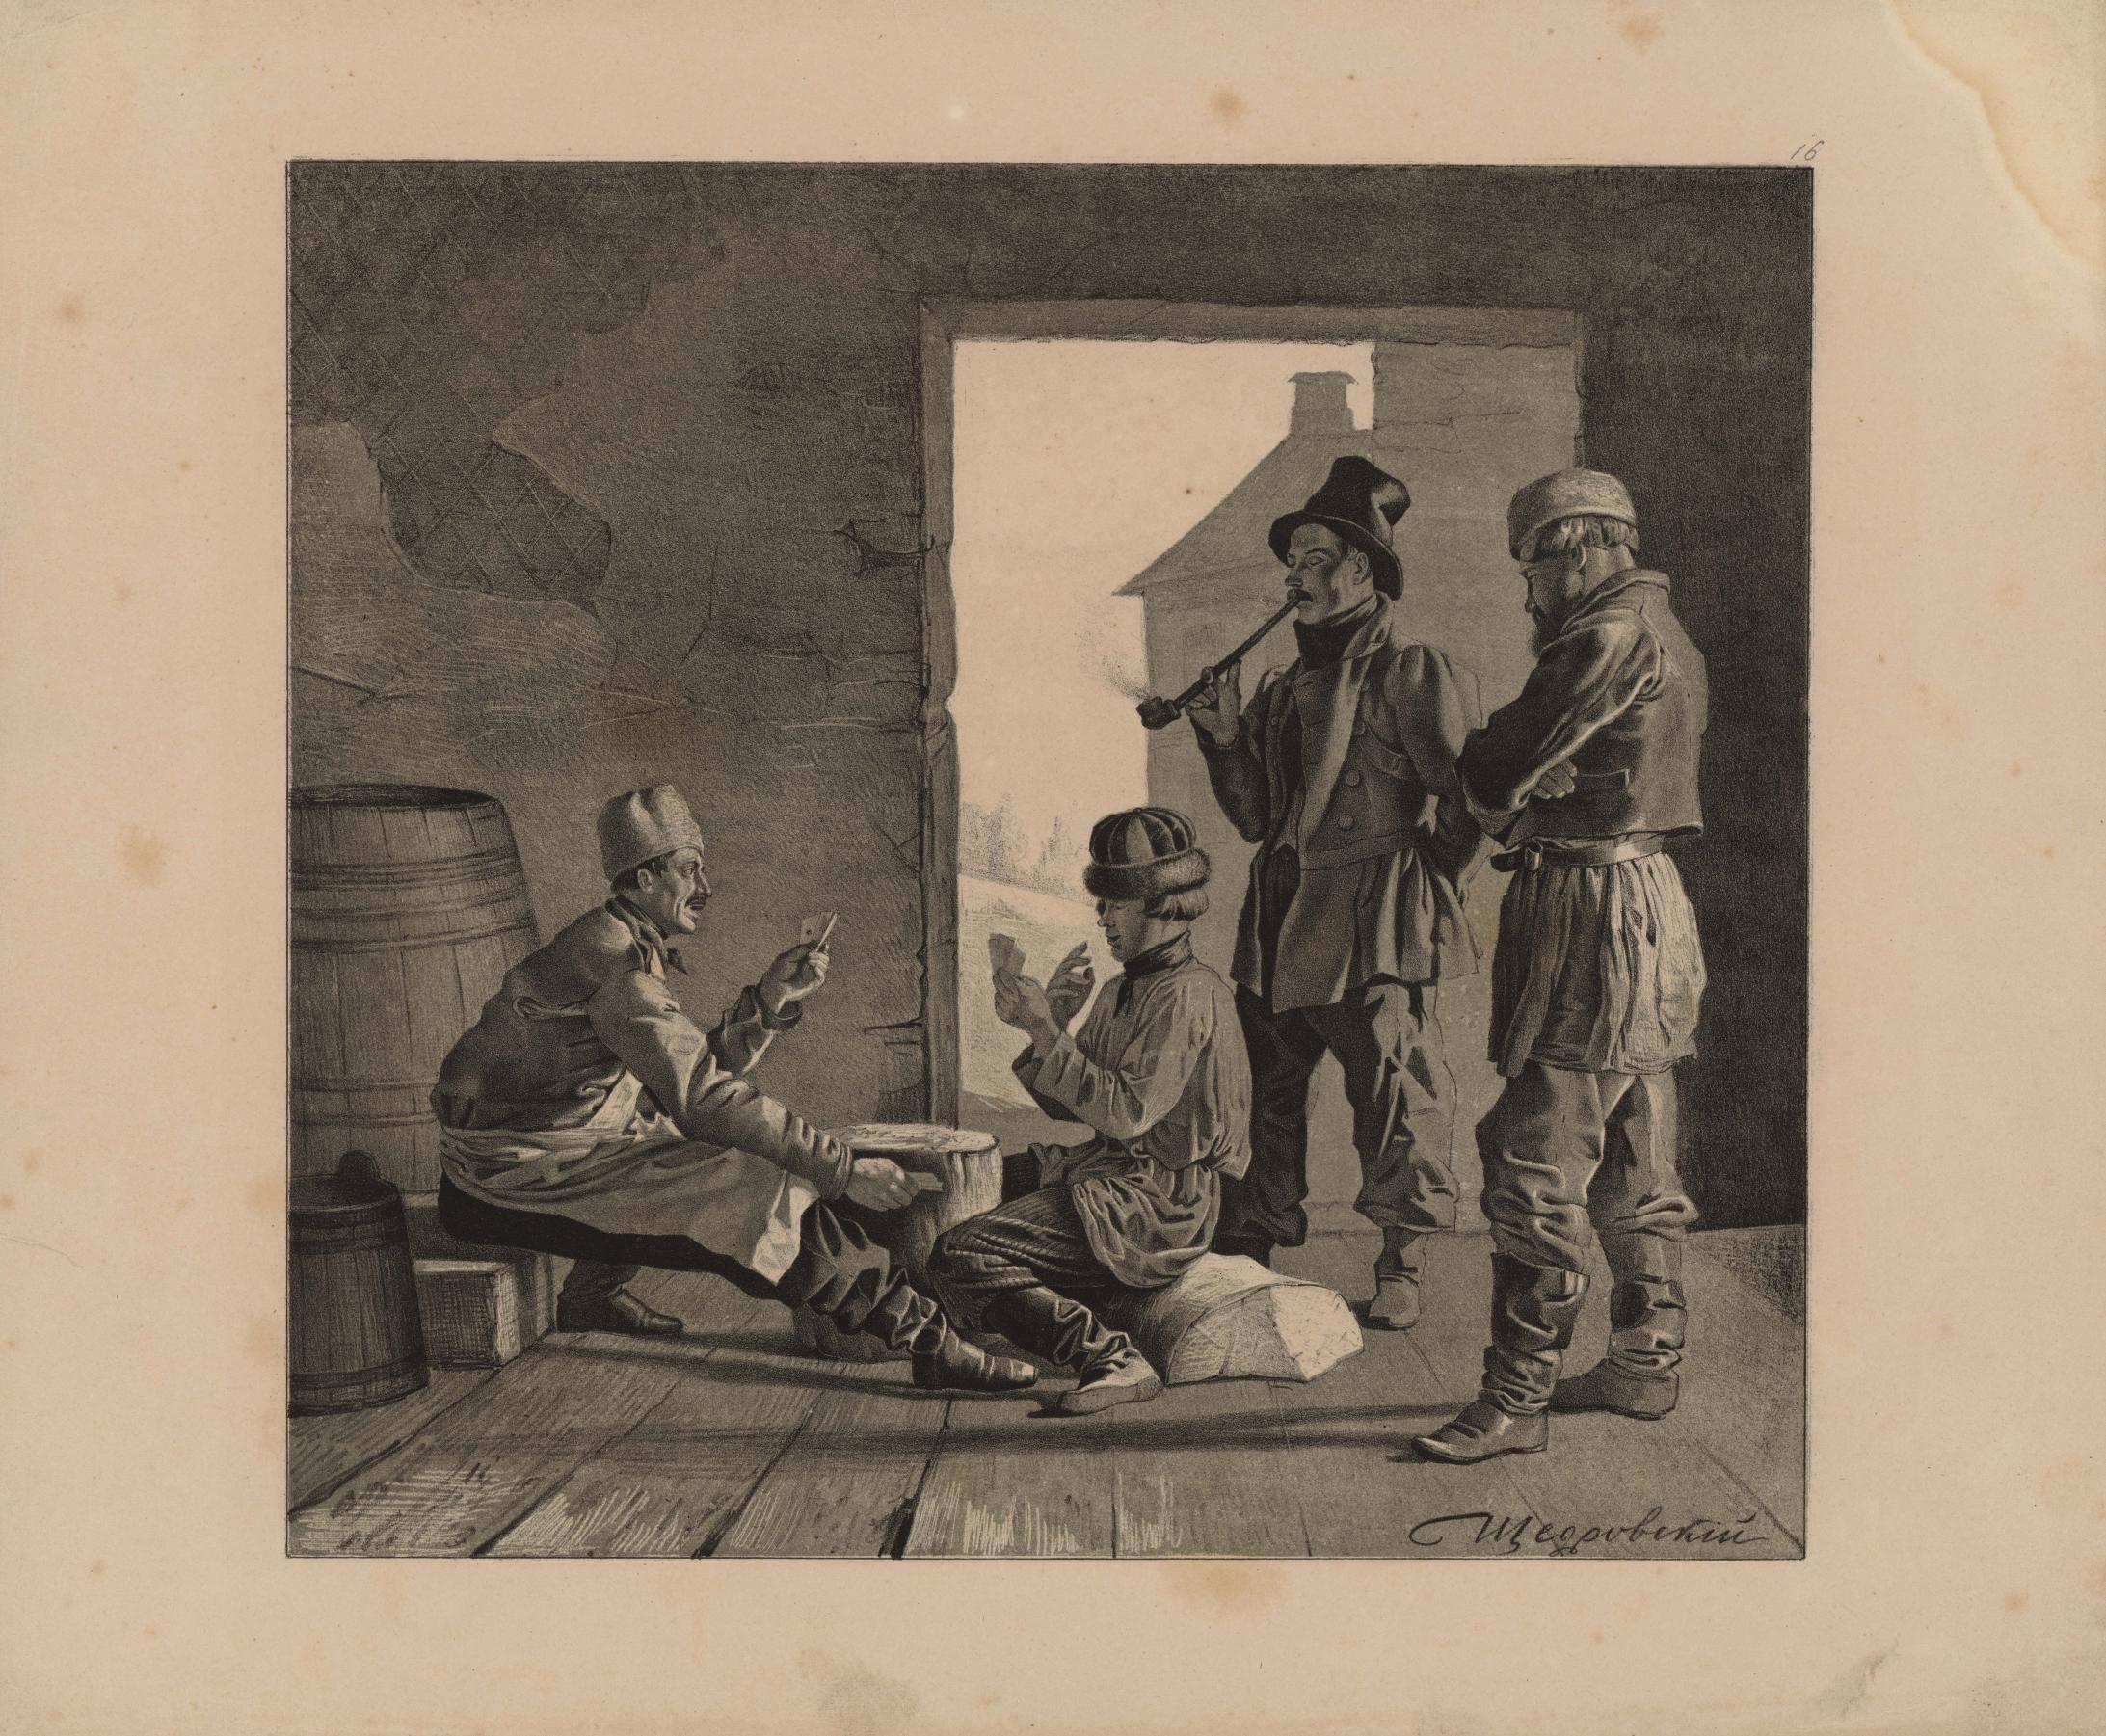 05 а. Слуга, прибывший из Сибири, кучер в рабочем платье, почтальон, дворник из бывших солдат